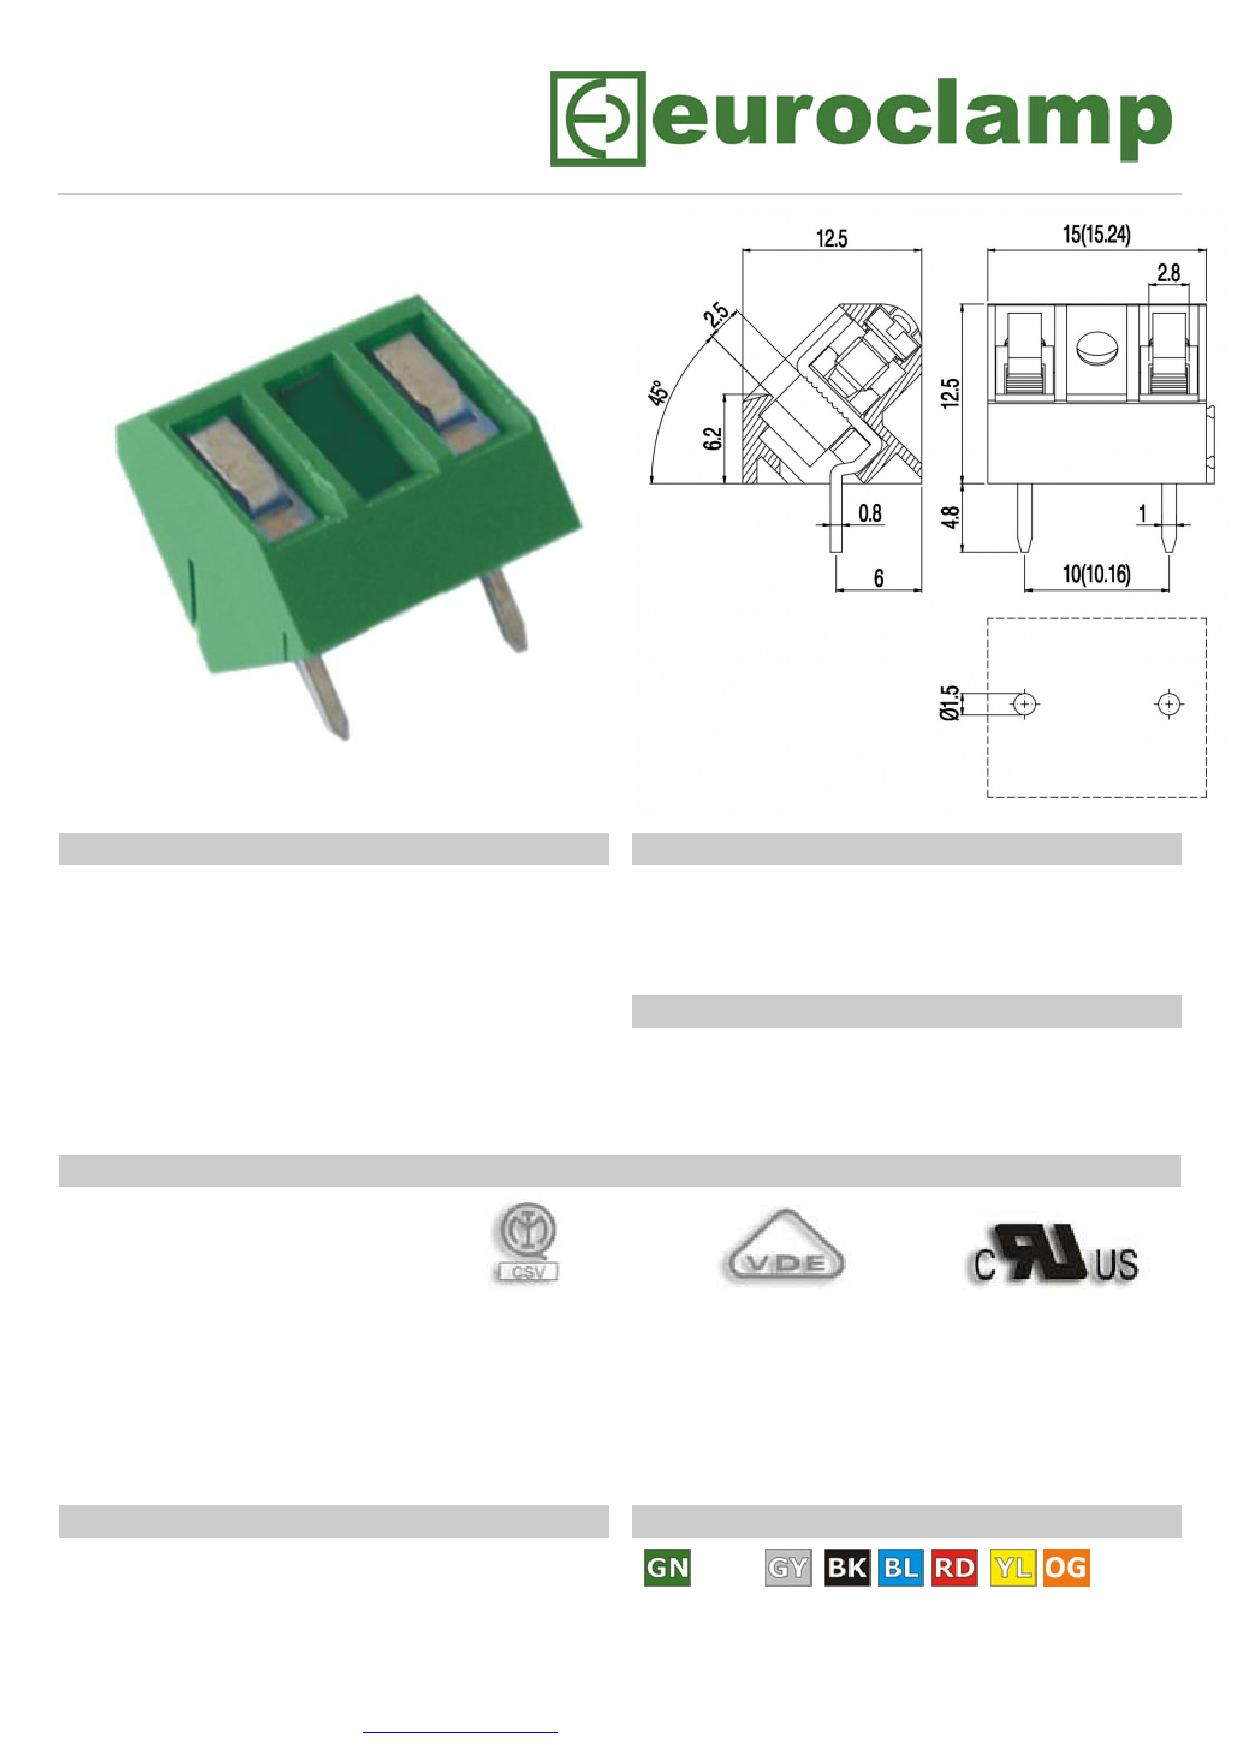 MIP251-10 데이터시트 및 MIP251-10 PDF